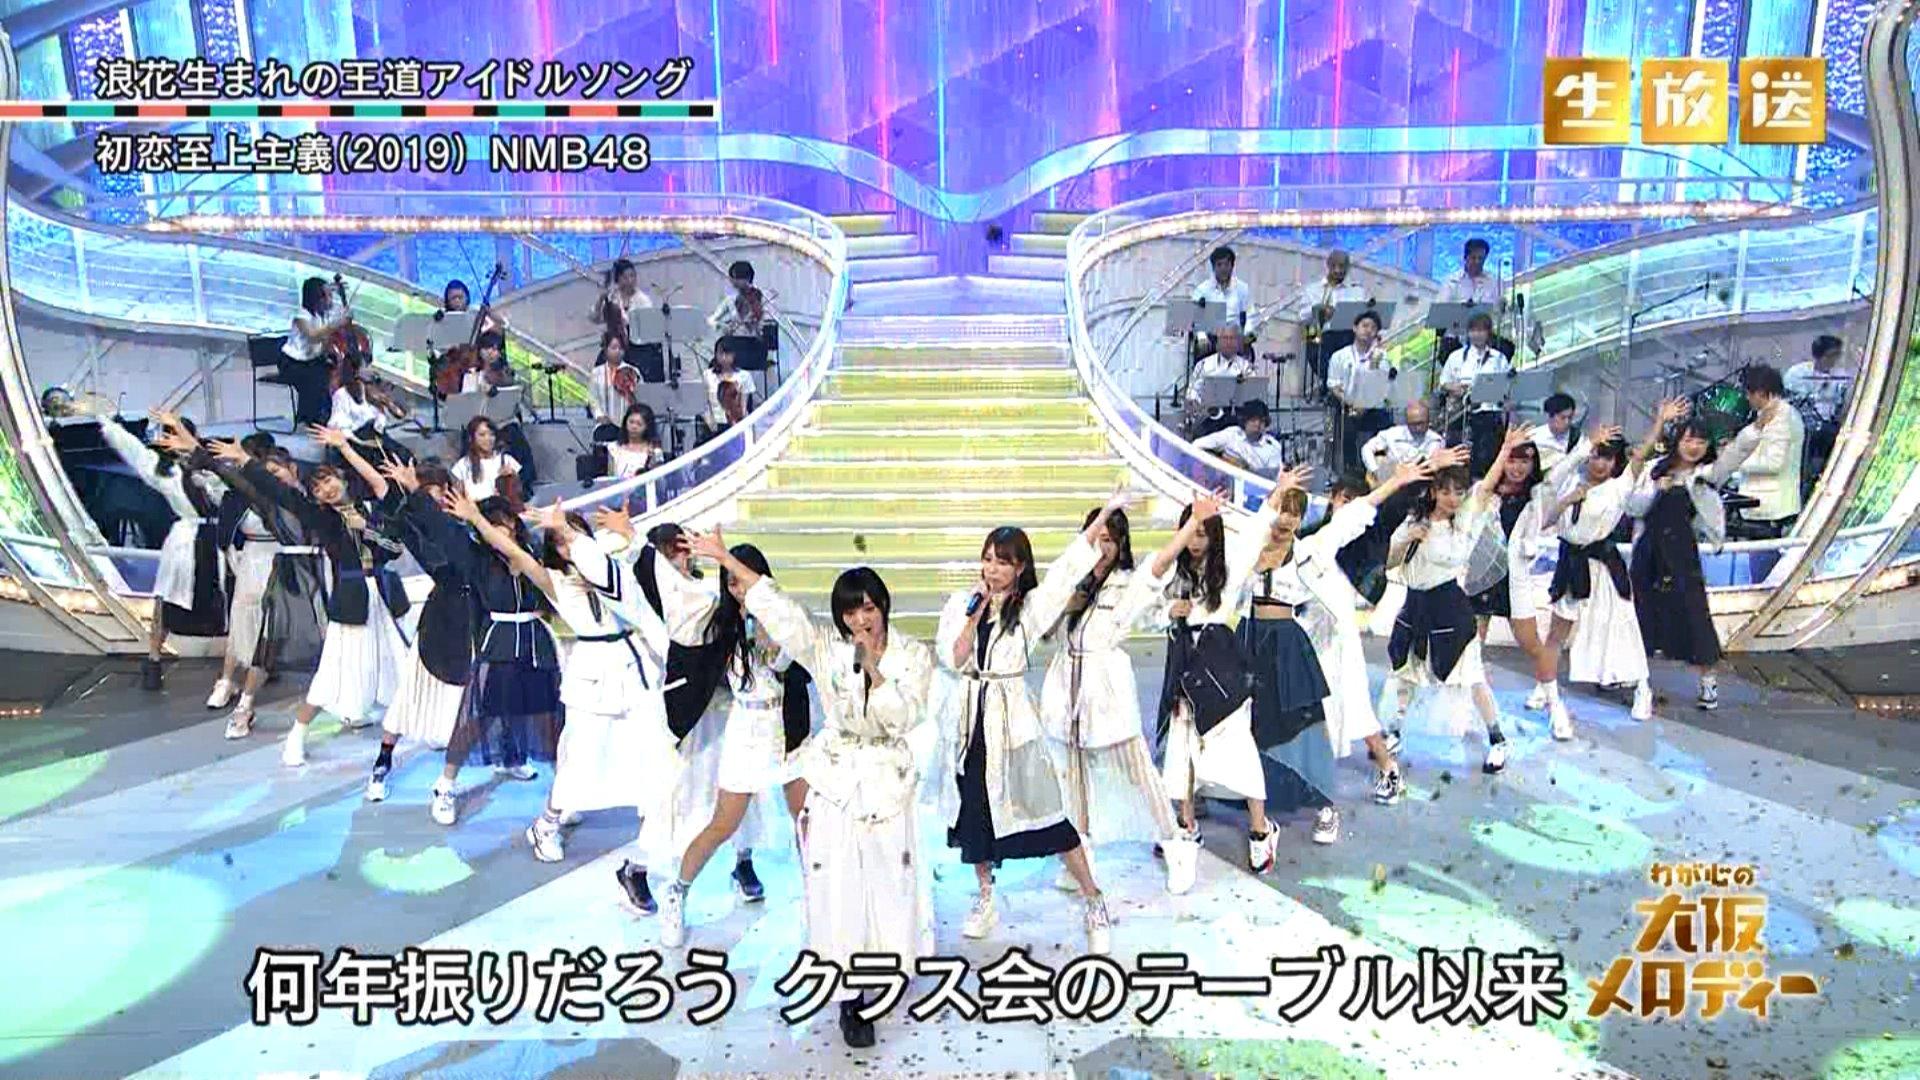 【NMB48】10月29日「第19回わが心の大阪メロディー」の画像。「365日の紙飛行機」と「初恋至上主義」を披露